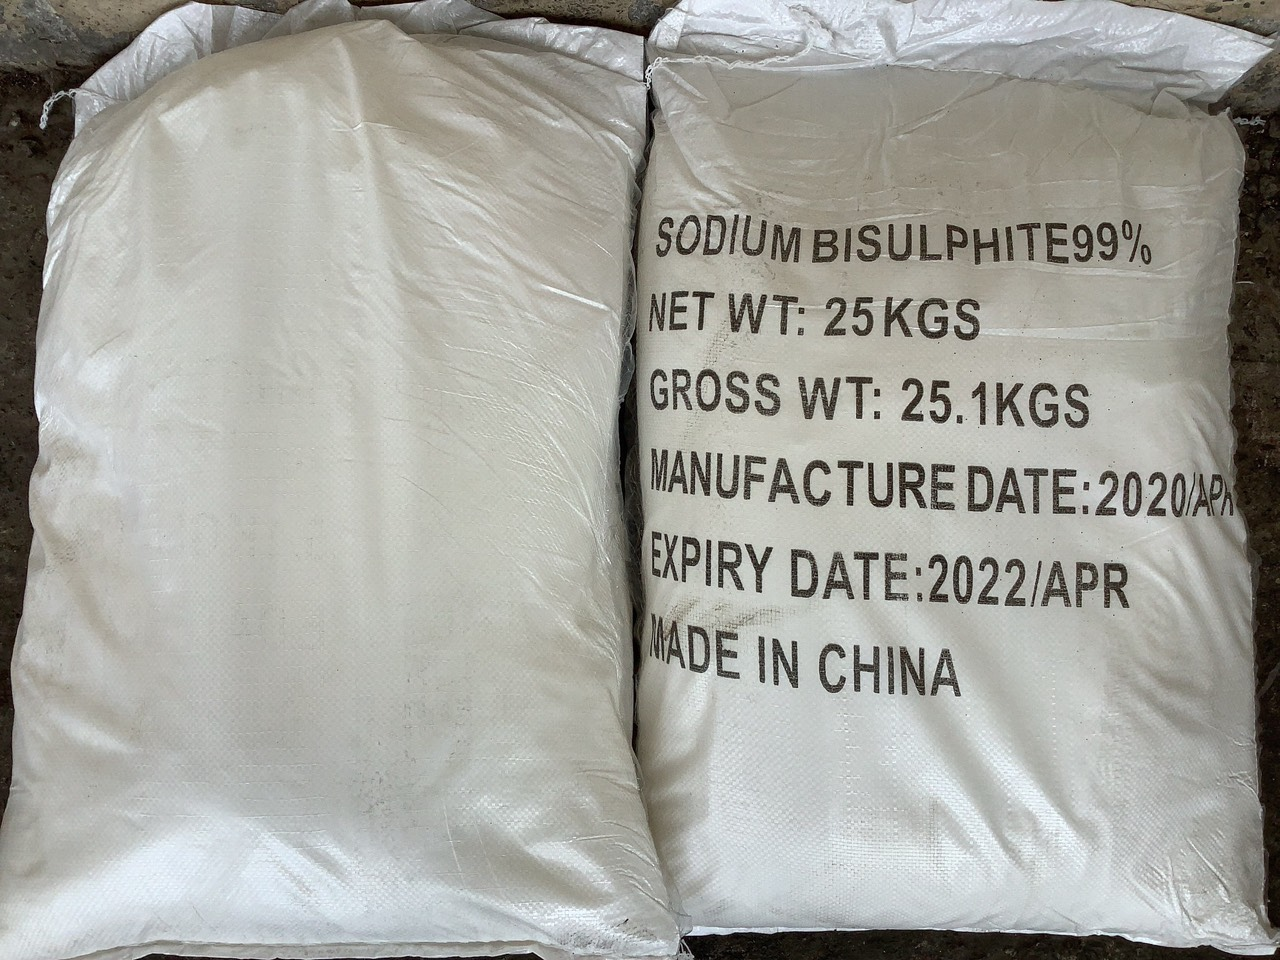 Sodium Bisulphite - NaHSO3 - 98%